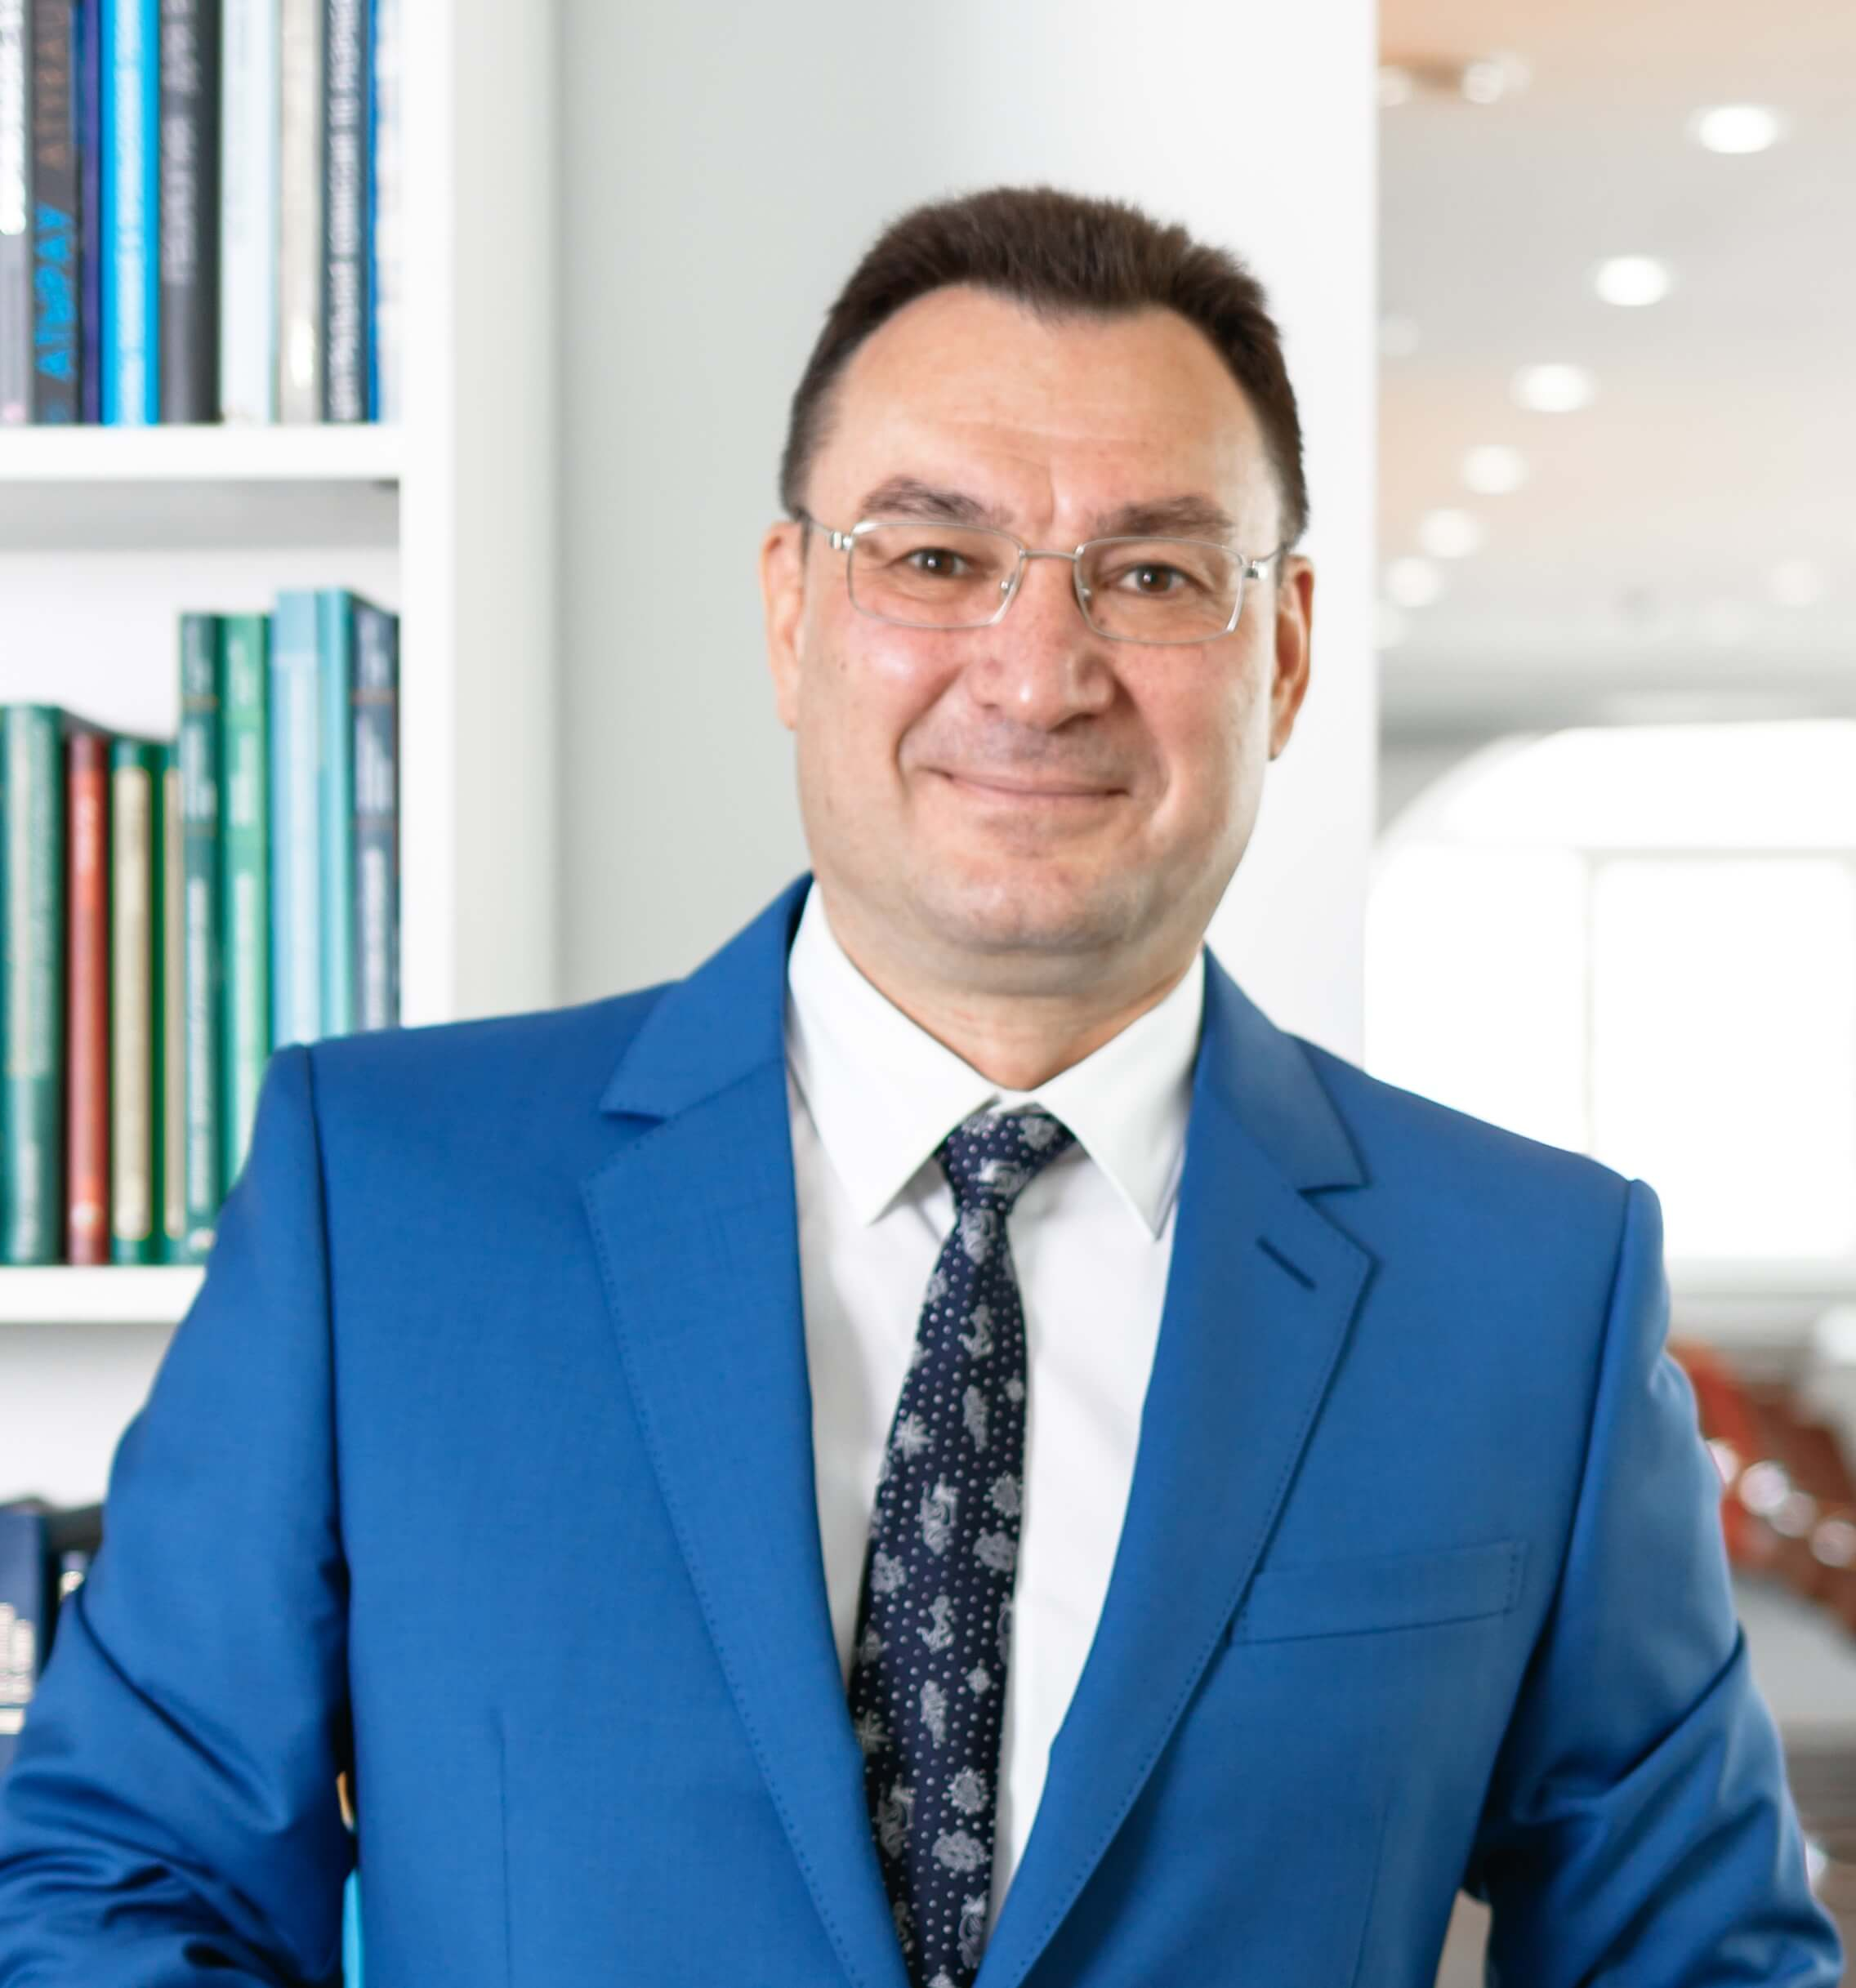 Шагиев Рустем Рудольфович, Ректор Московского института нефтегазового бизнеса